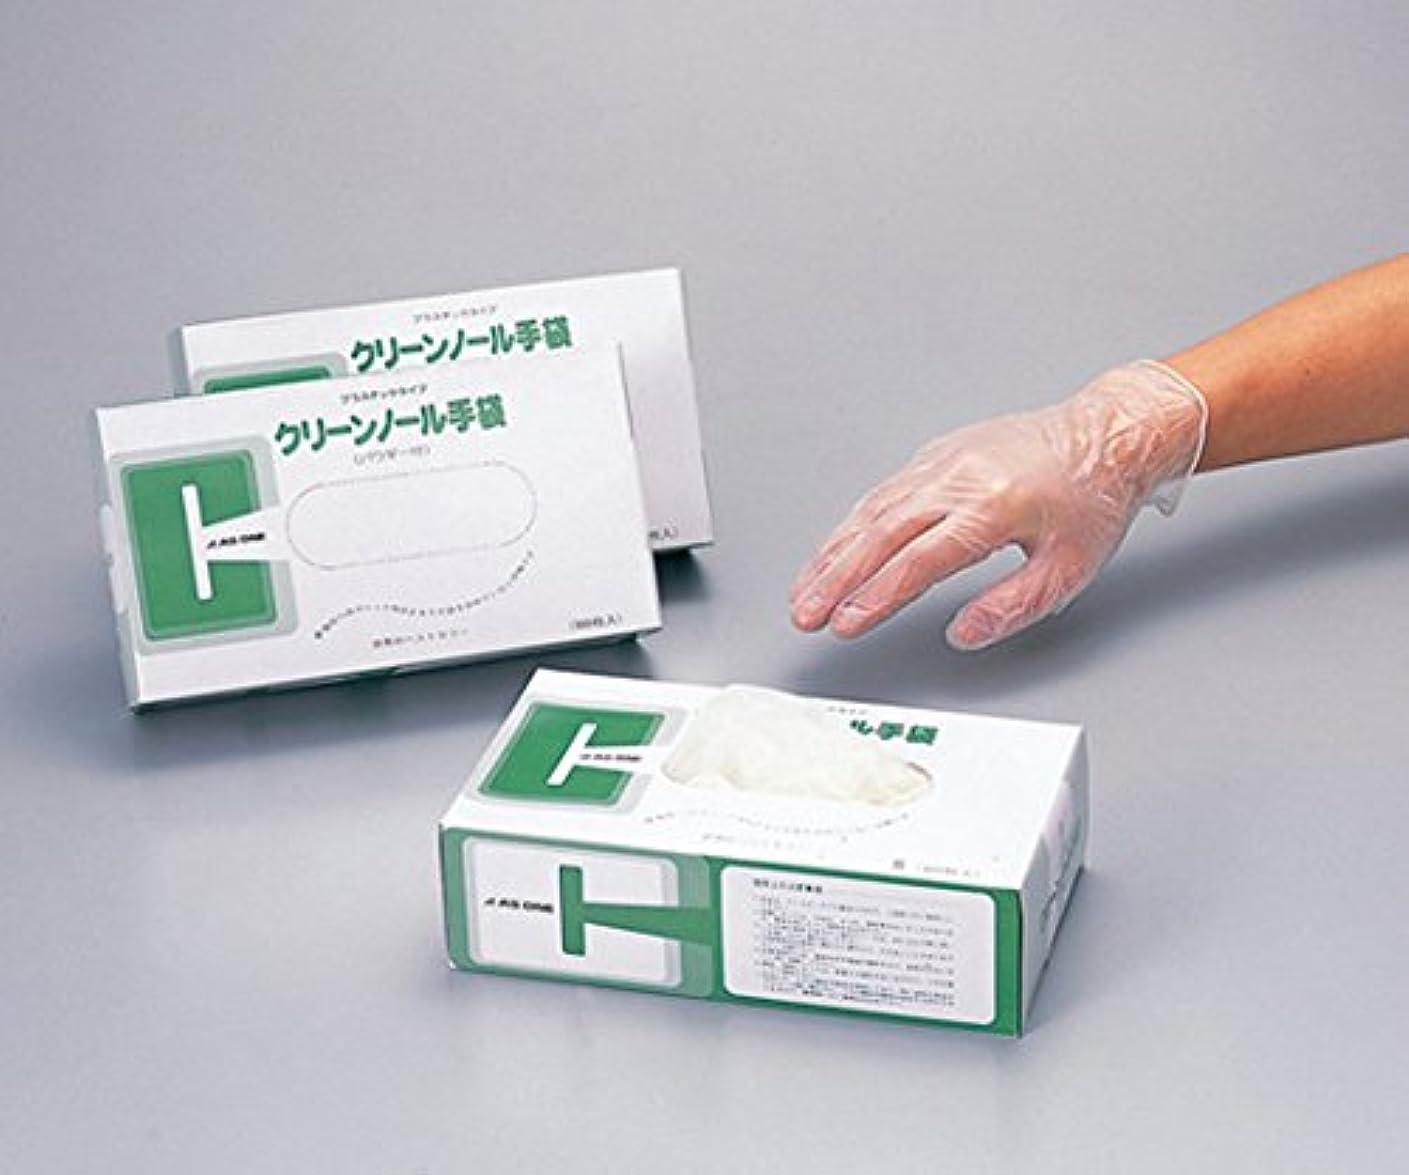 呼び起こす考古学的な負担アズワン6-903-13クリーンノール手袋PVCパウダー付S10箱(1000枚入)